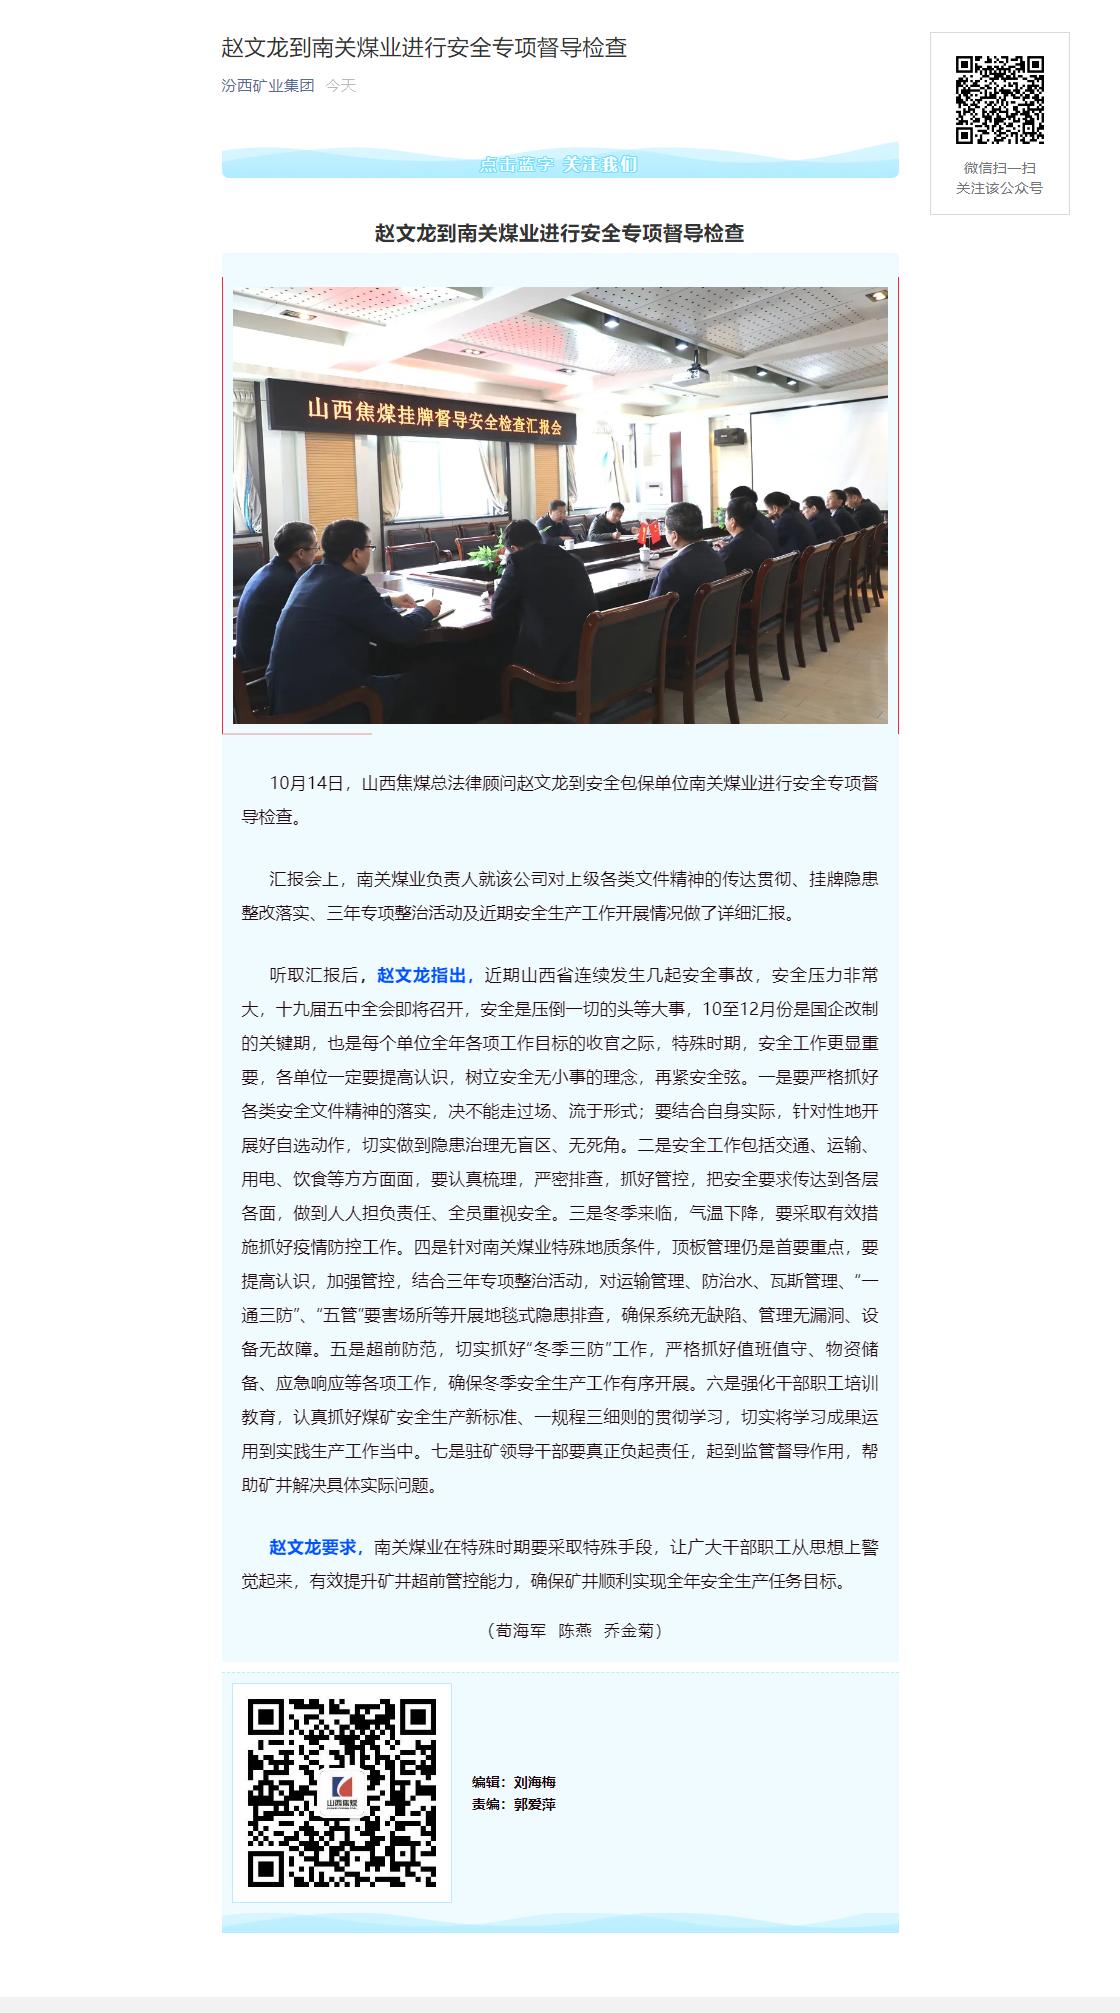 赵文龙到南关煤业进行安全专项督导检查.png